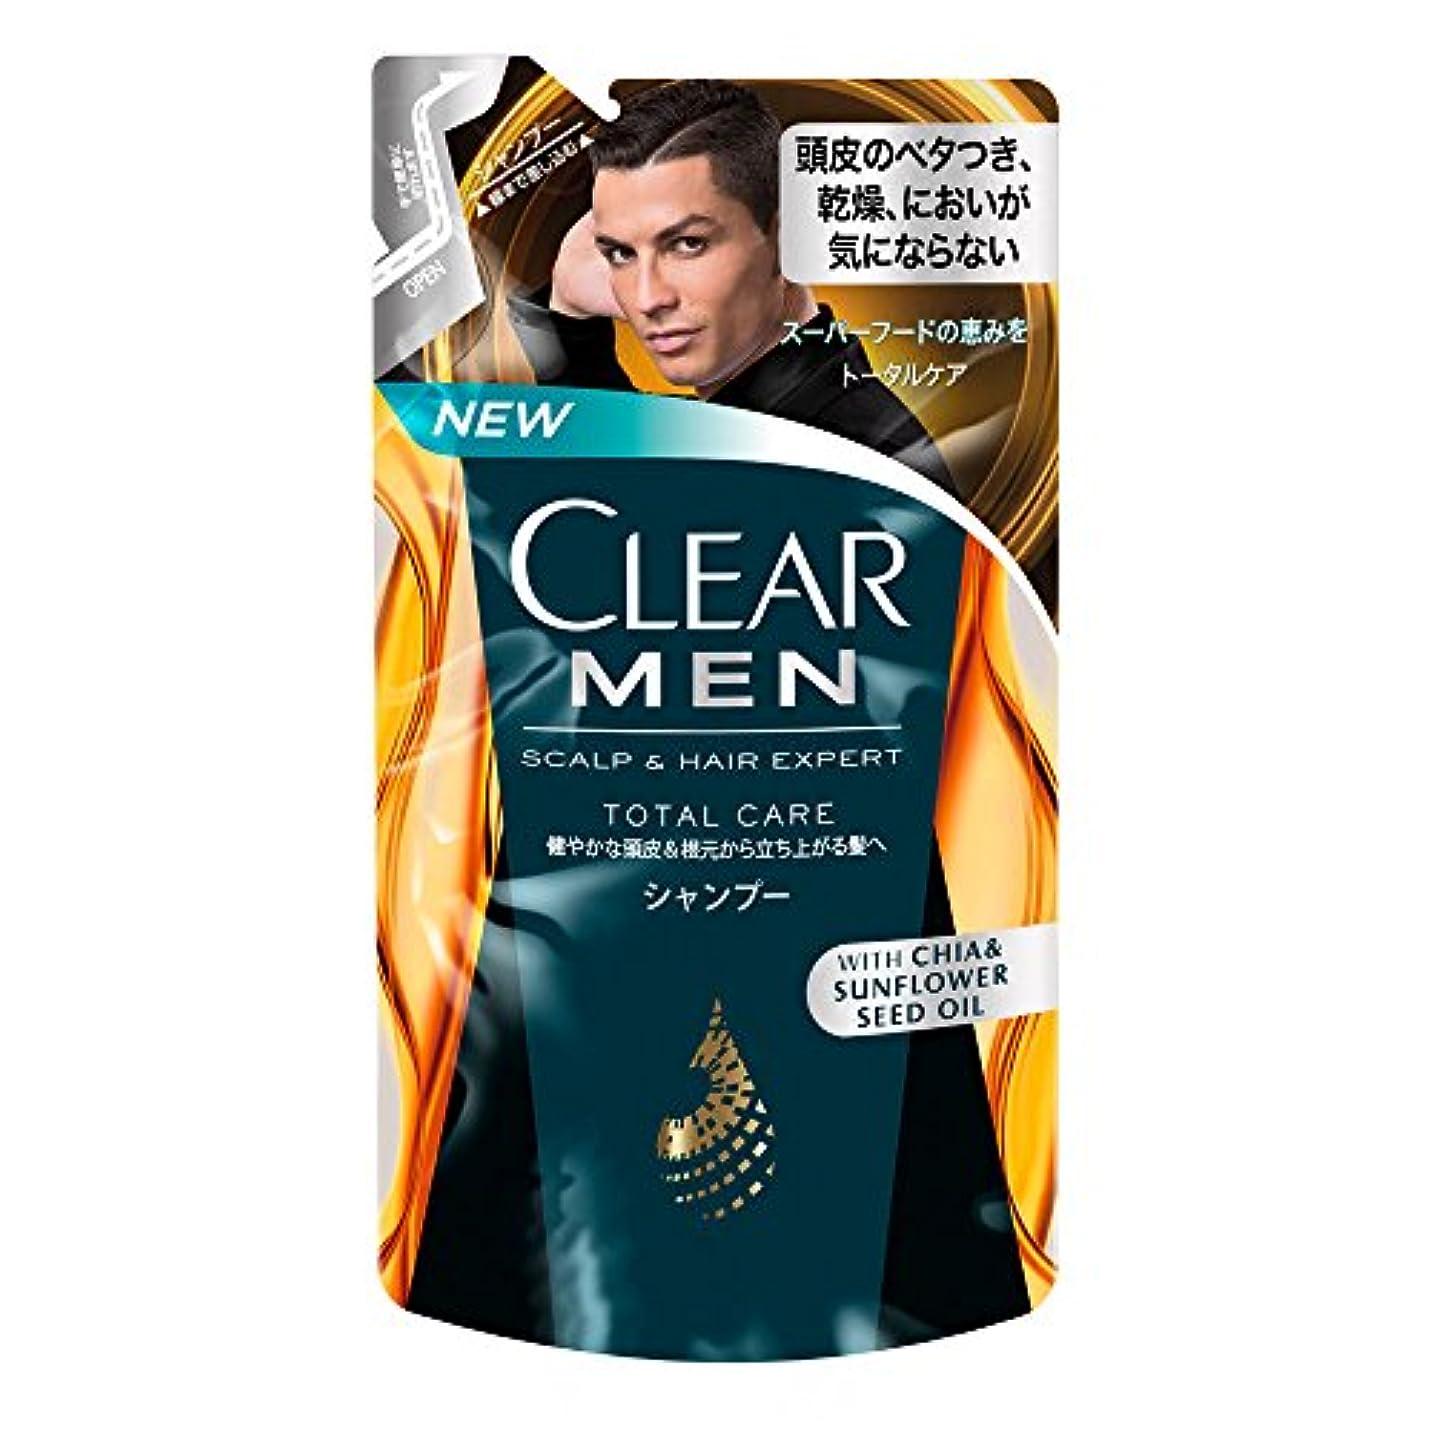 荒廃するサーバステンレスクリア フォーメン トータルケア 男性用シャンプー つめかえ用 (健やかな頭皮へ) 280g